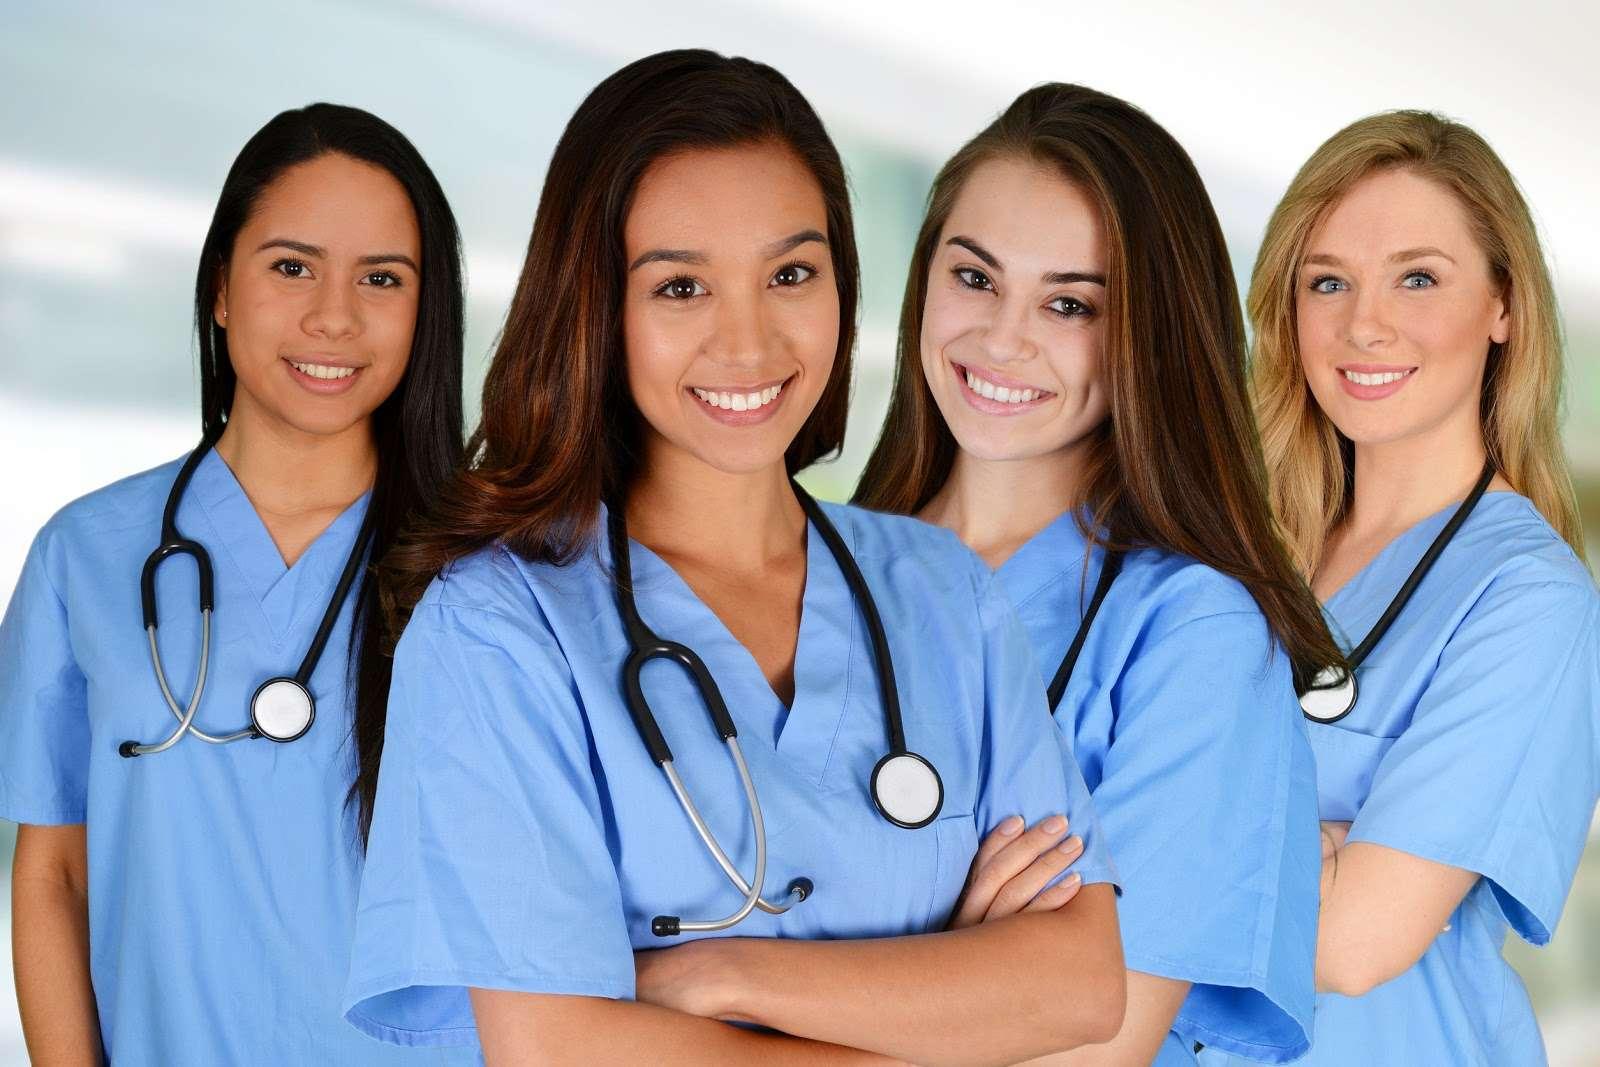 PREVENÇÃO – Coren-AL recomenda afastar profissionais que estão no grupo de risco